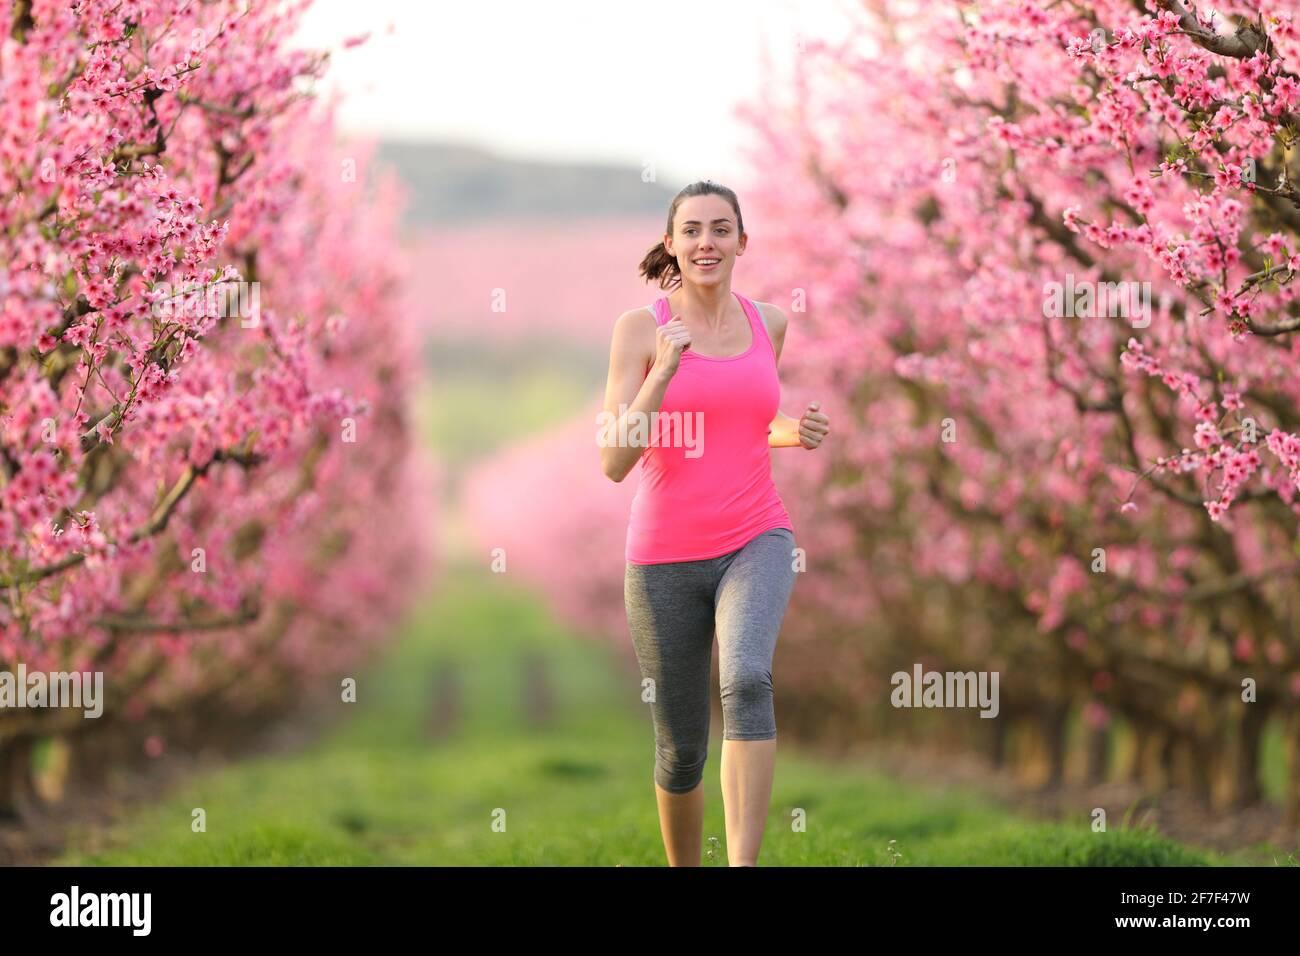 Vue de face d'un jogging heureux en direction de l'appareil photo un champ de fleurs roses Banque D'Images